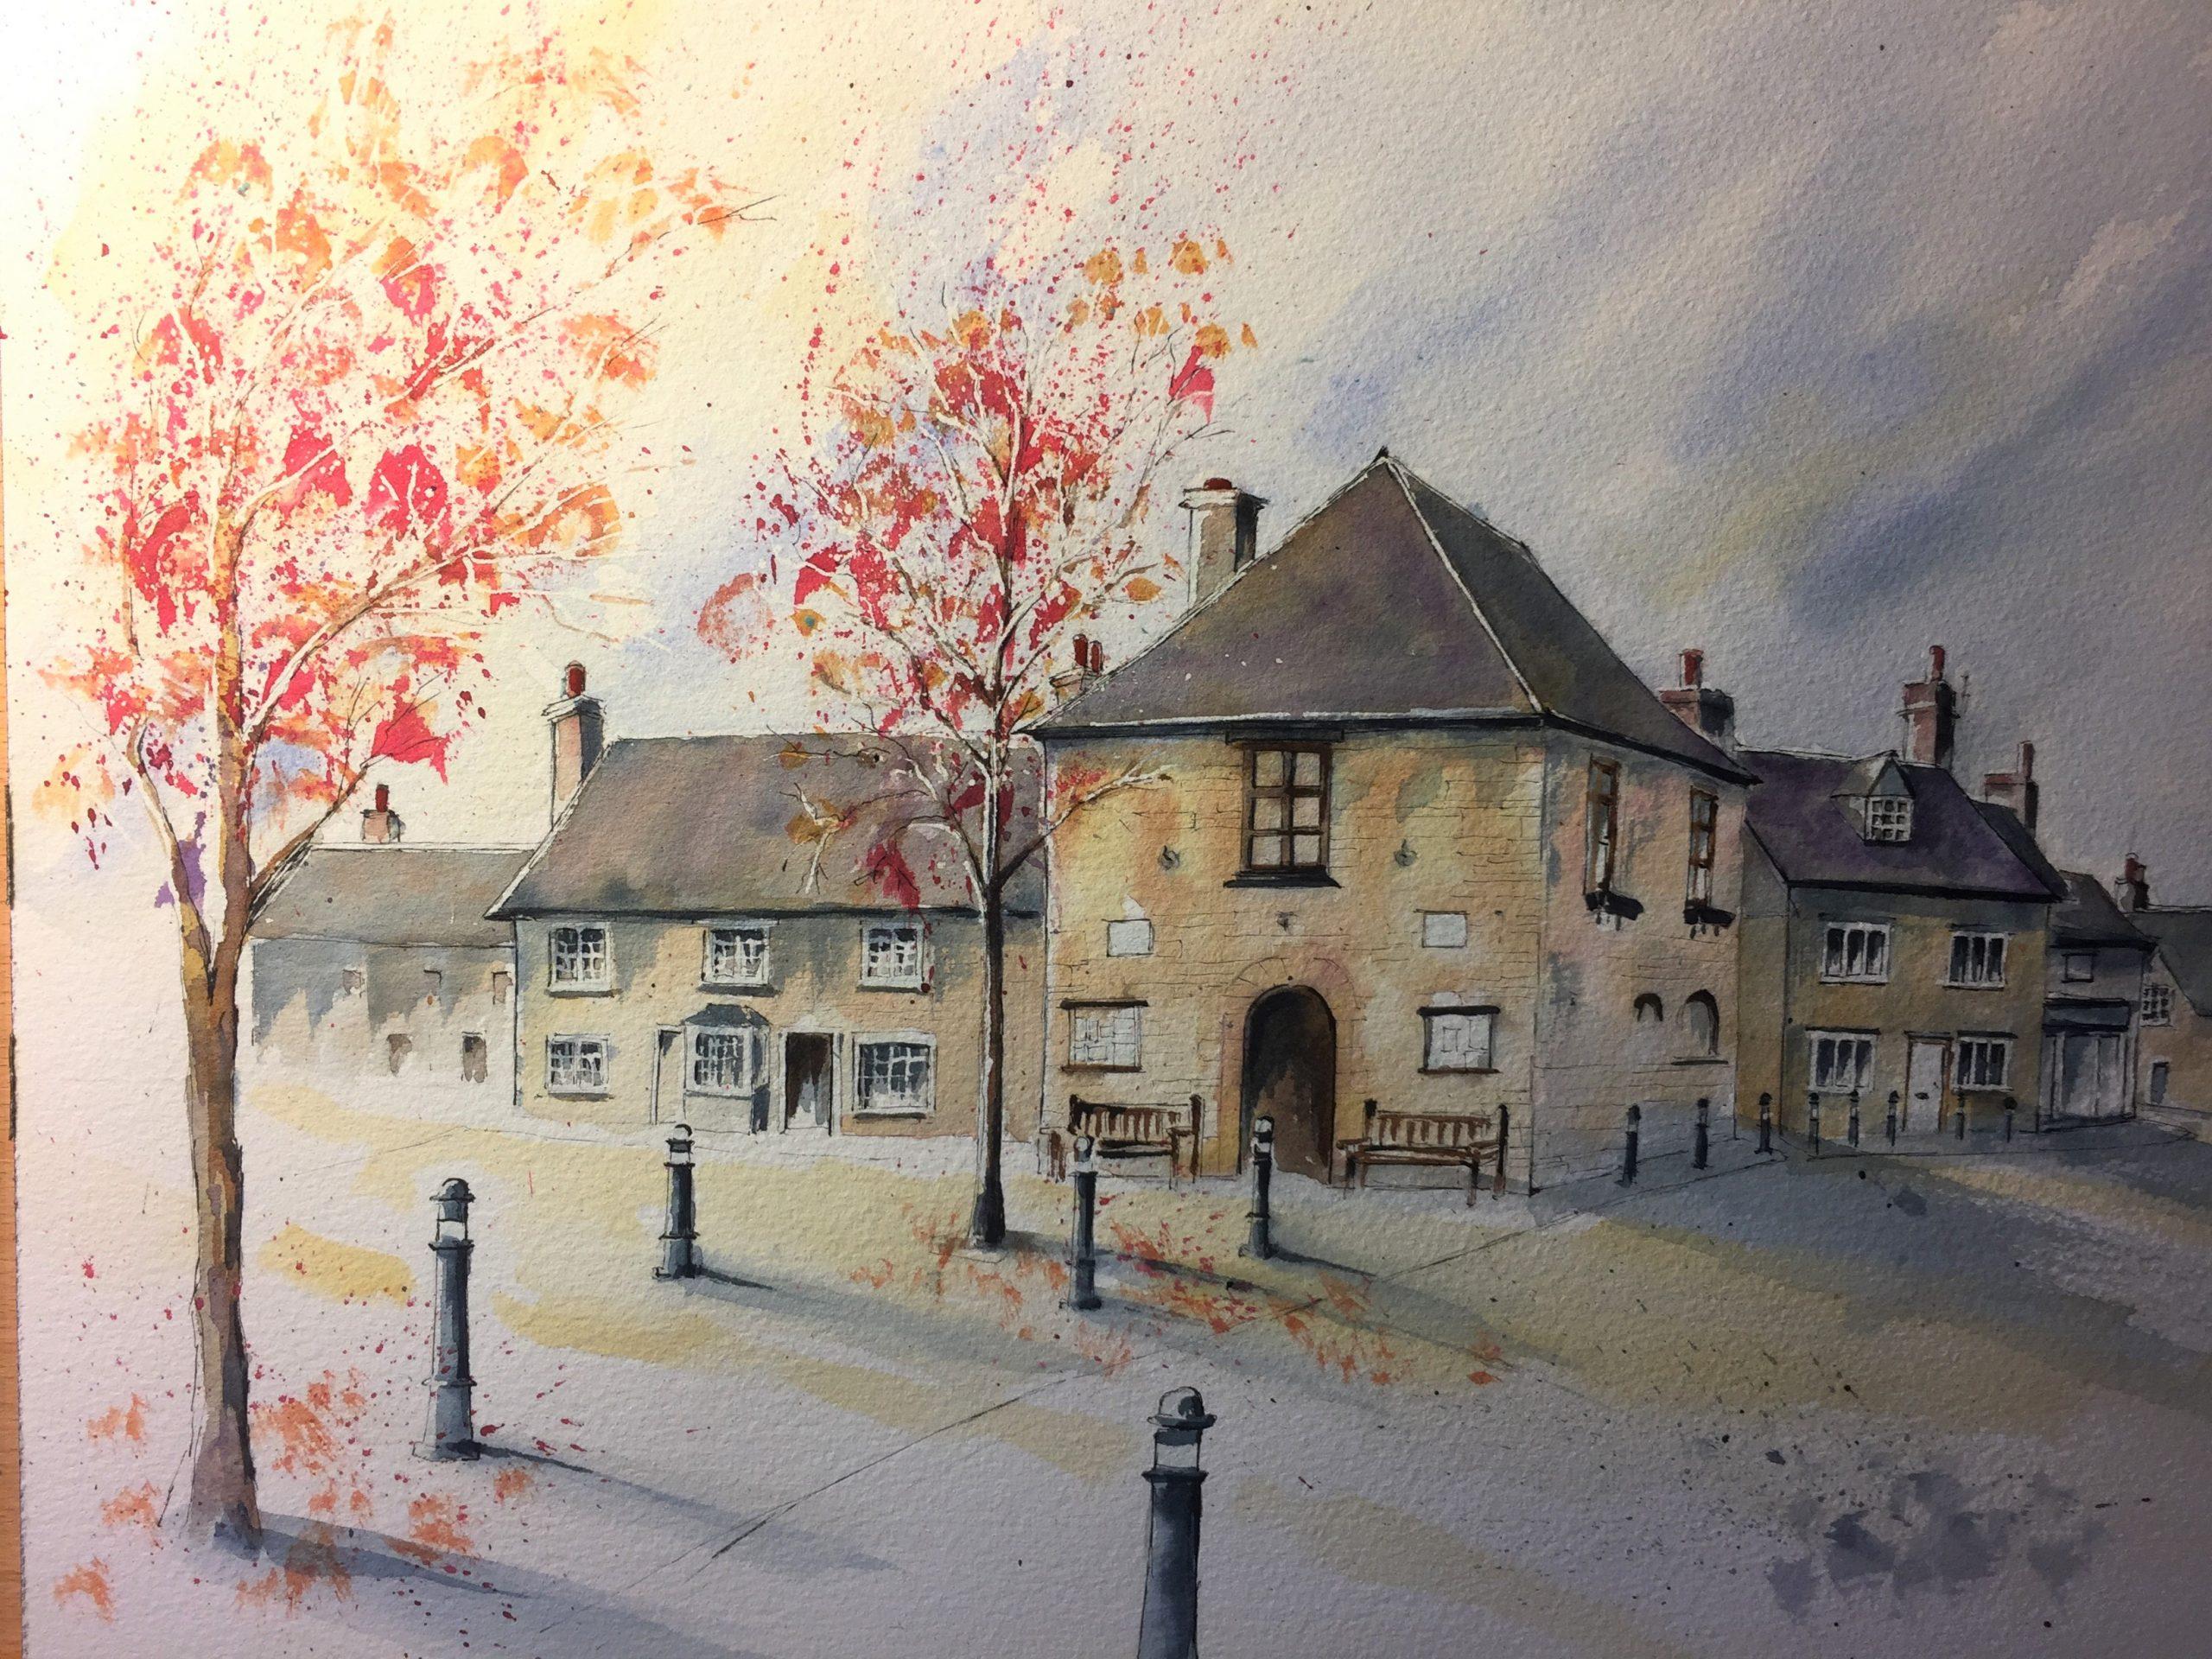 Eynsham Square Autumn